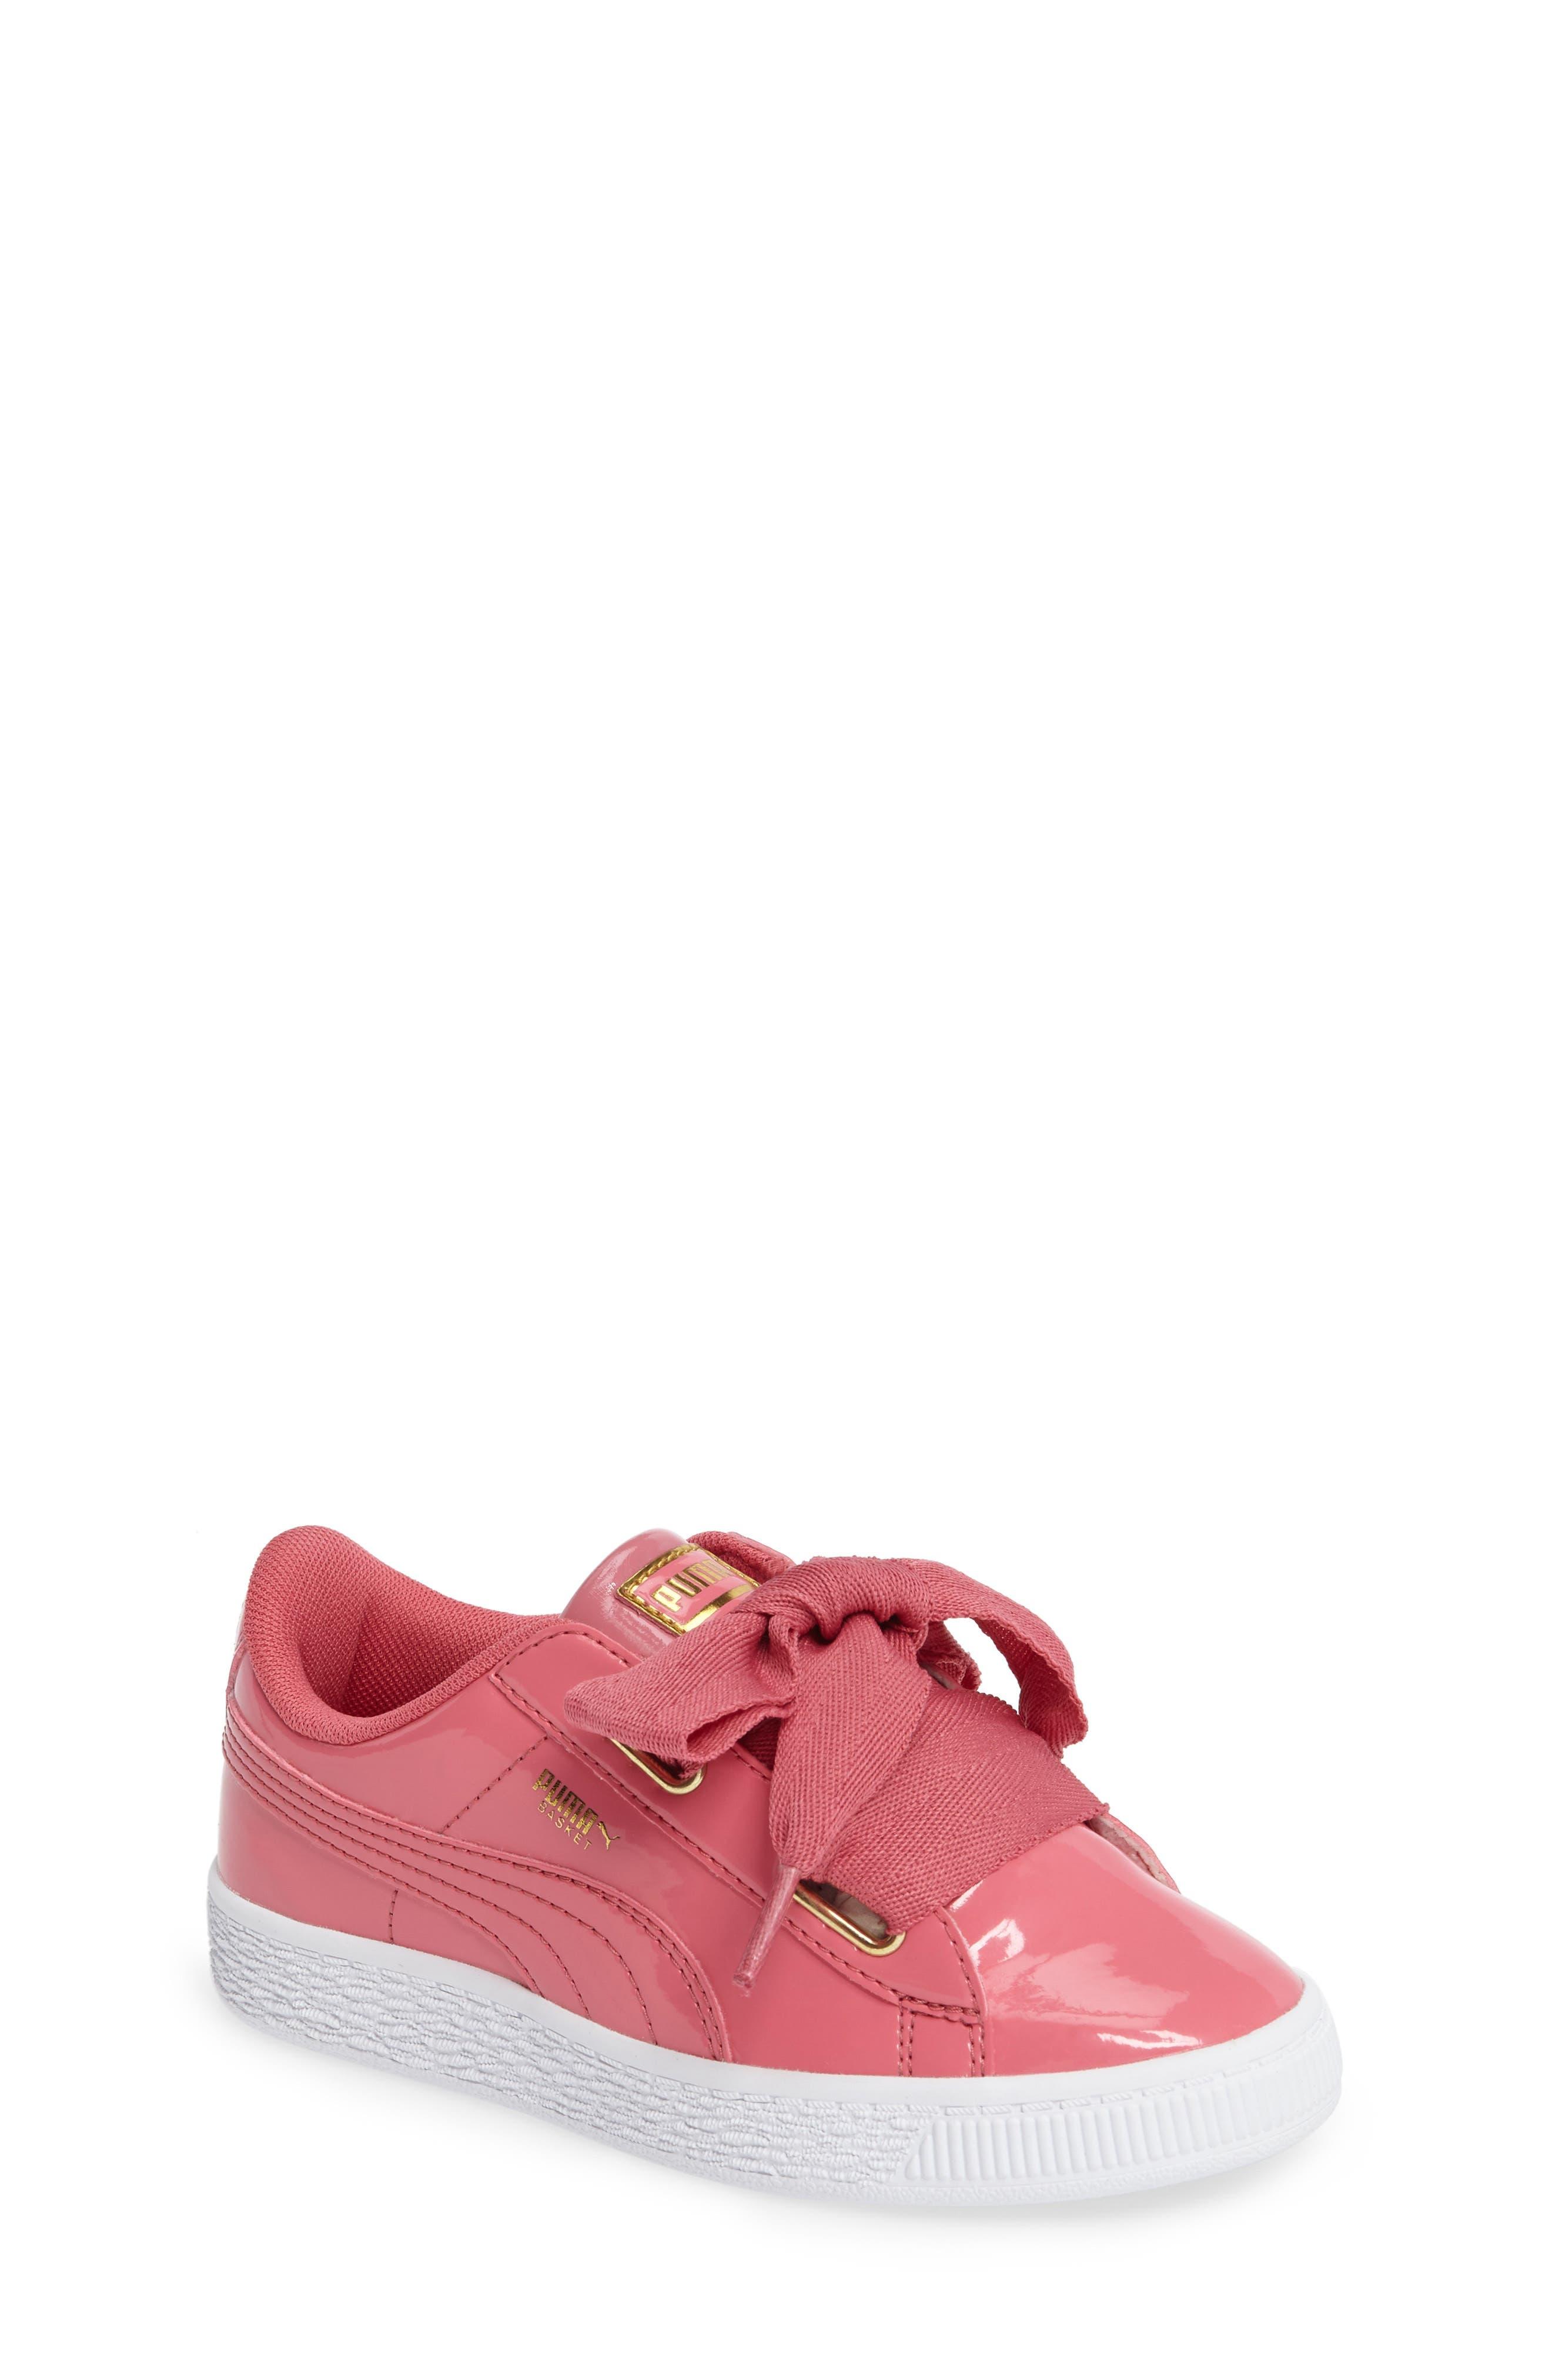 Basket Heart Sneaker,                             Main thumbnail 1, color,                             690